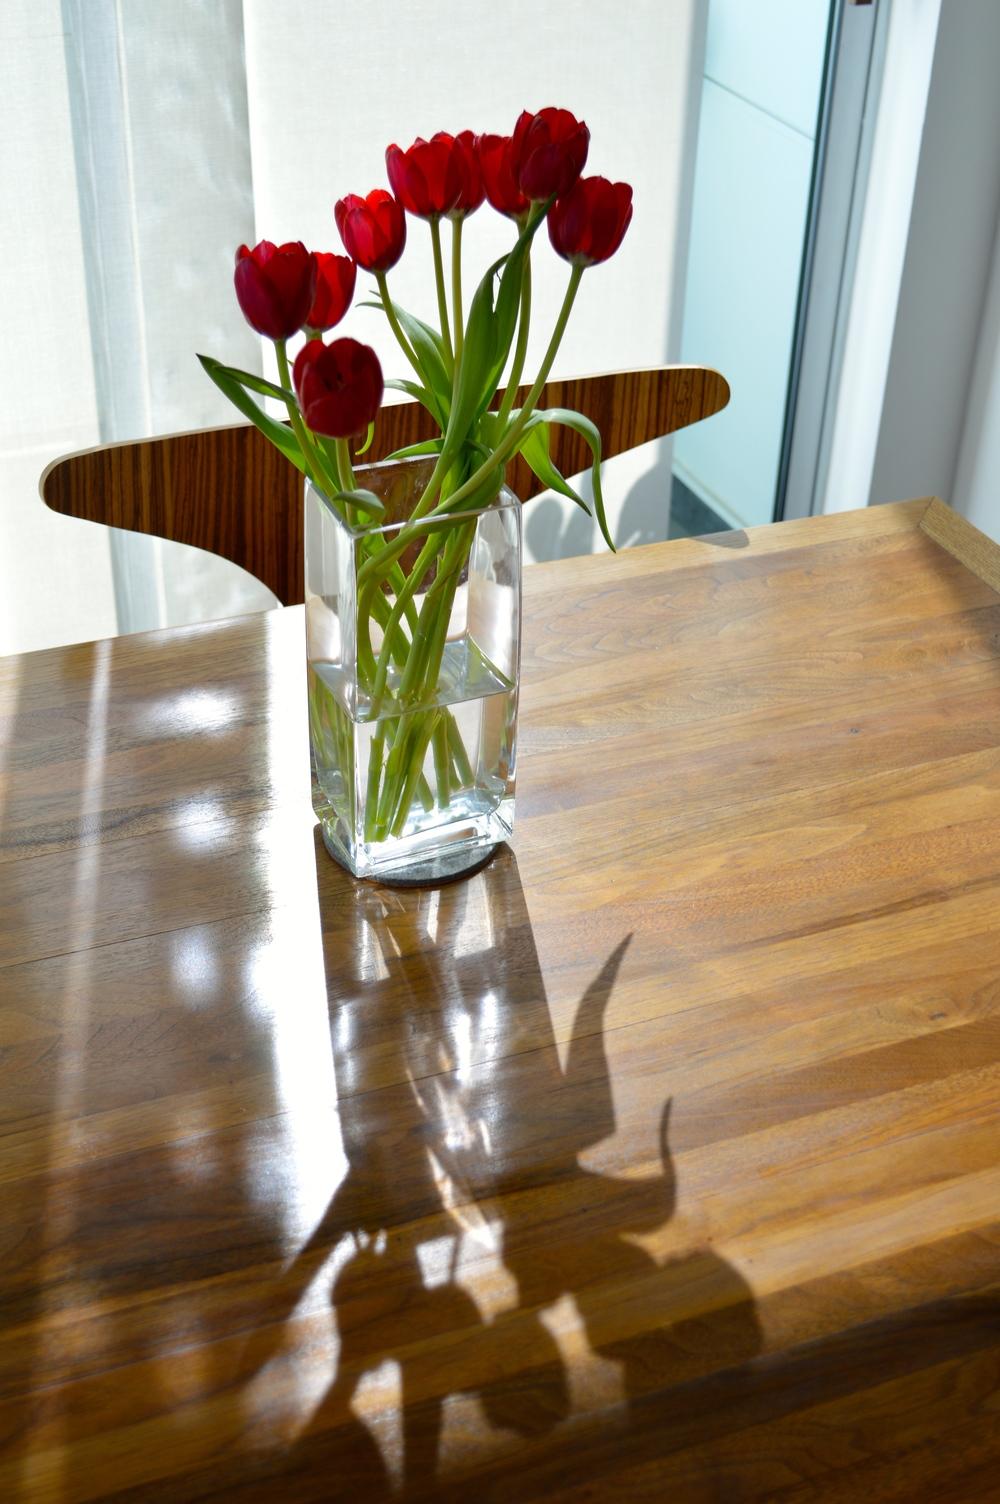 Lauren-Schwaiger-Blog-Flowers&Light-Photograph.jpg